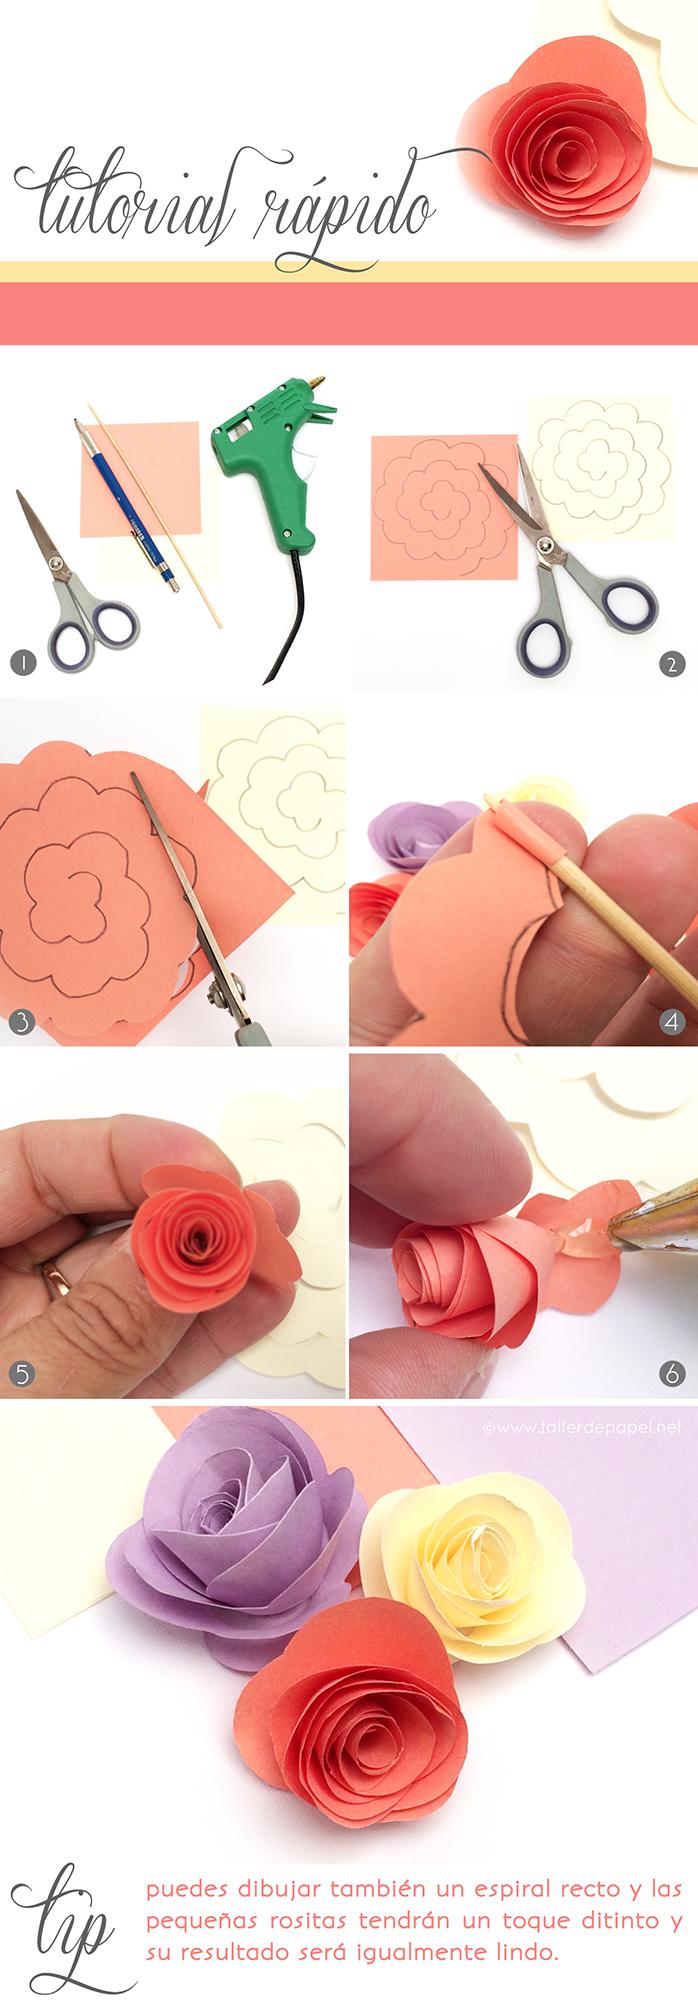 DIY Tutorial Rápido Hoy como hacer mini rositas de papel Sigue